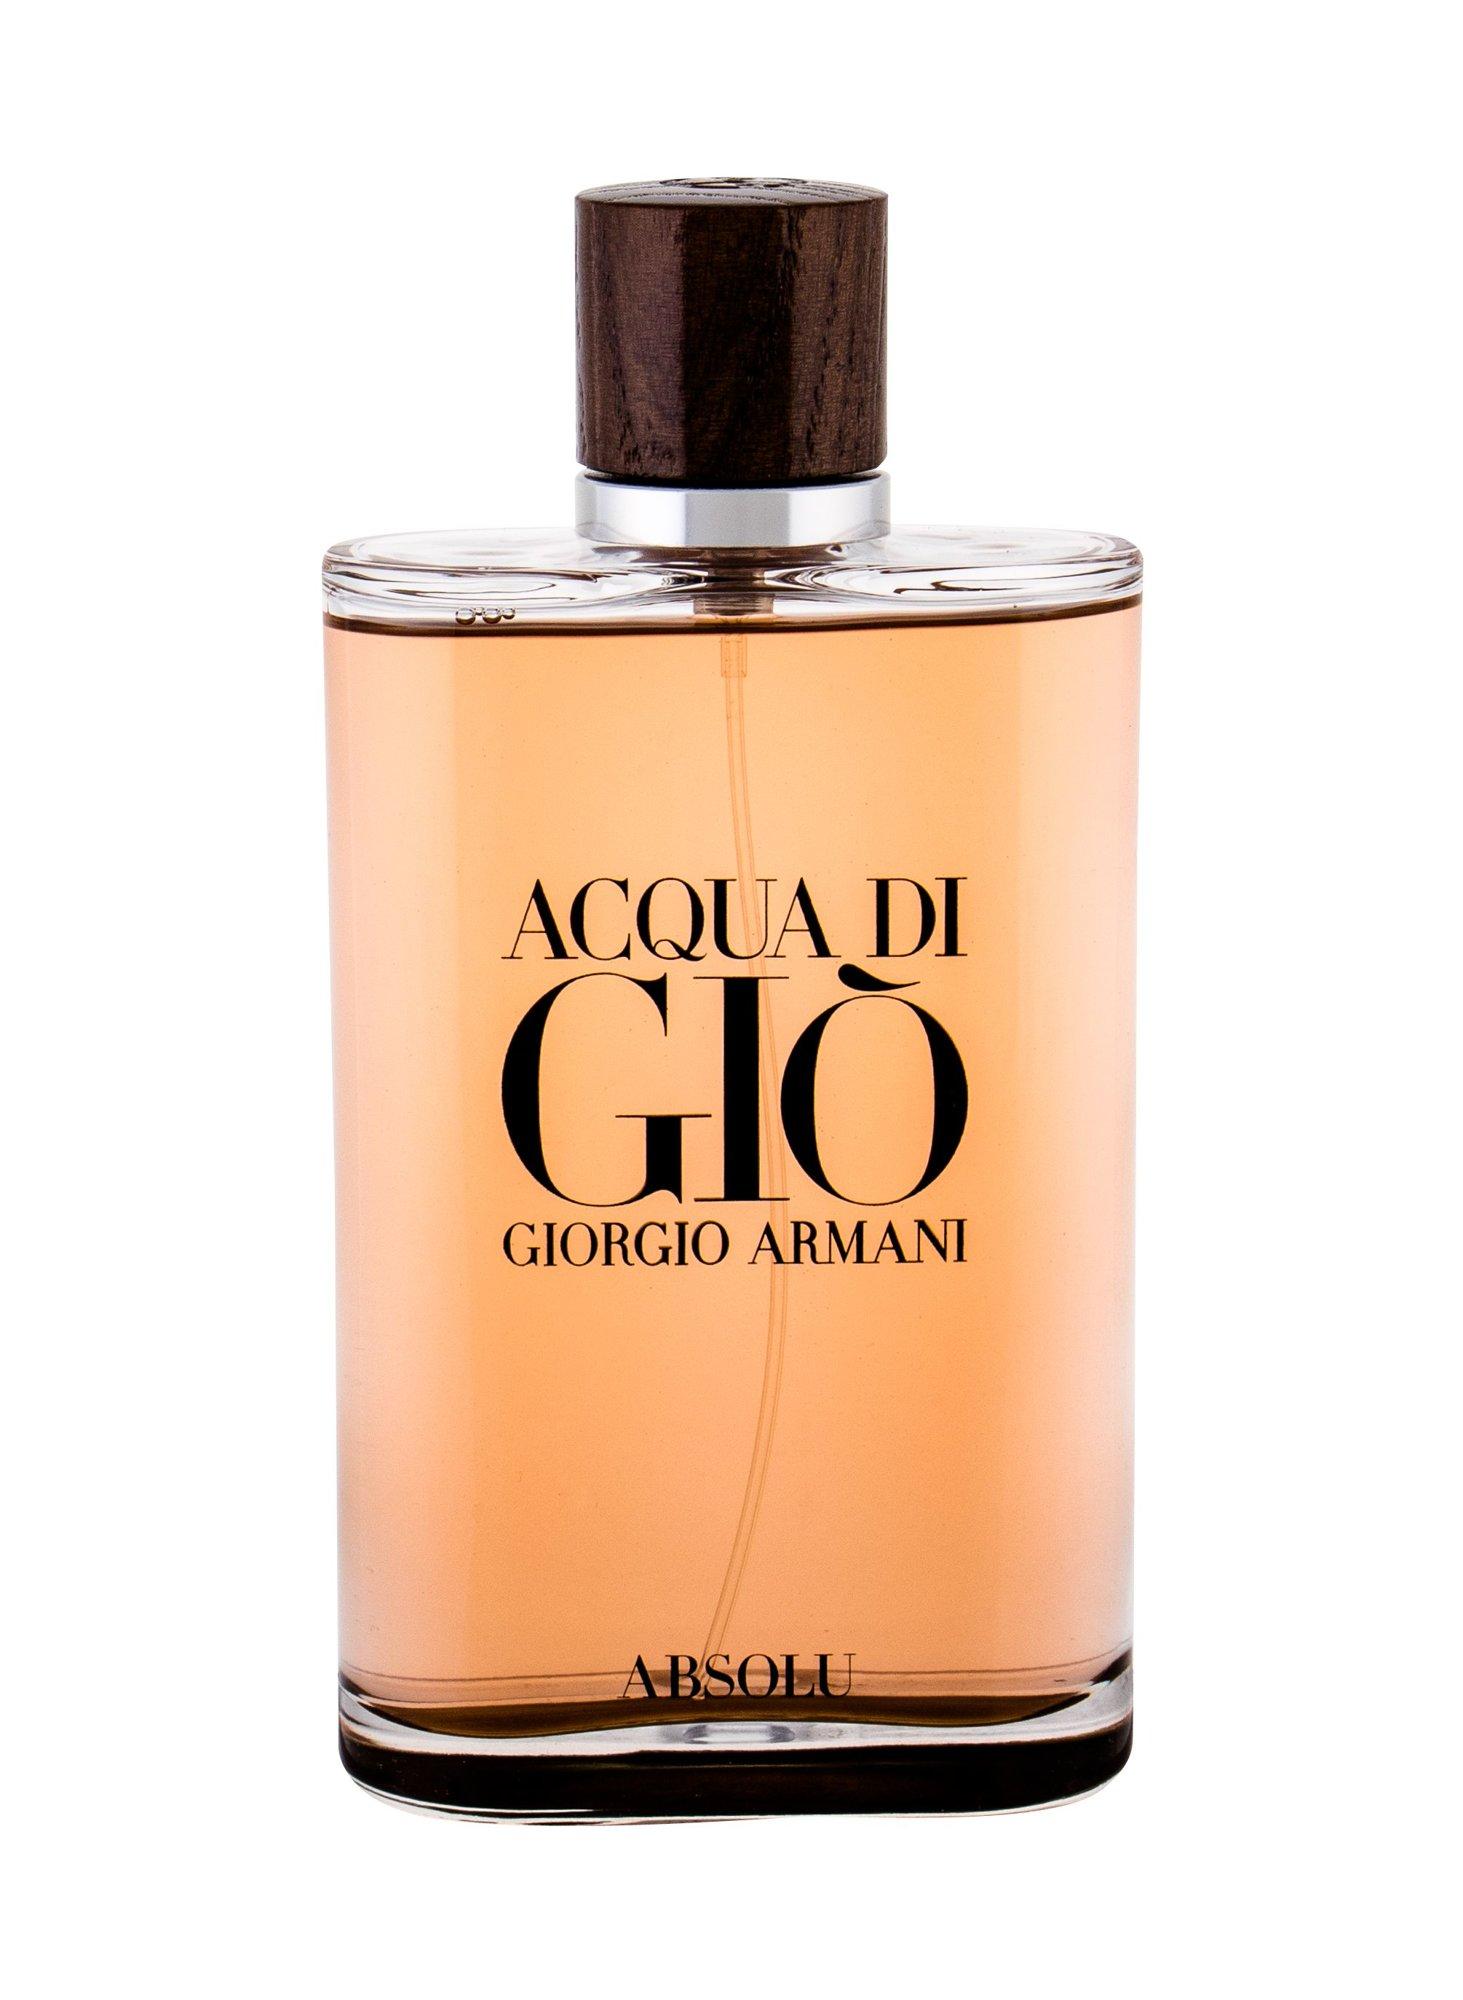 Giorgio Armani Acqua di Gio Eau de Parfum 200ml